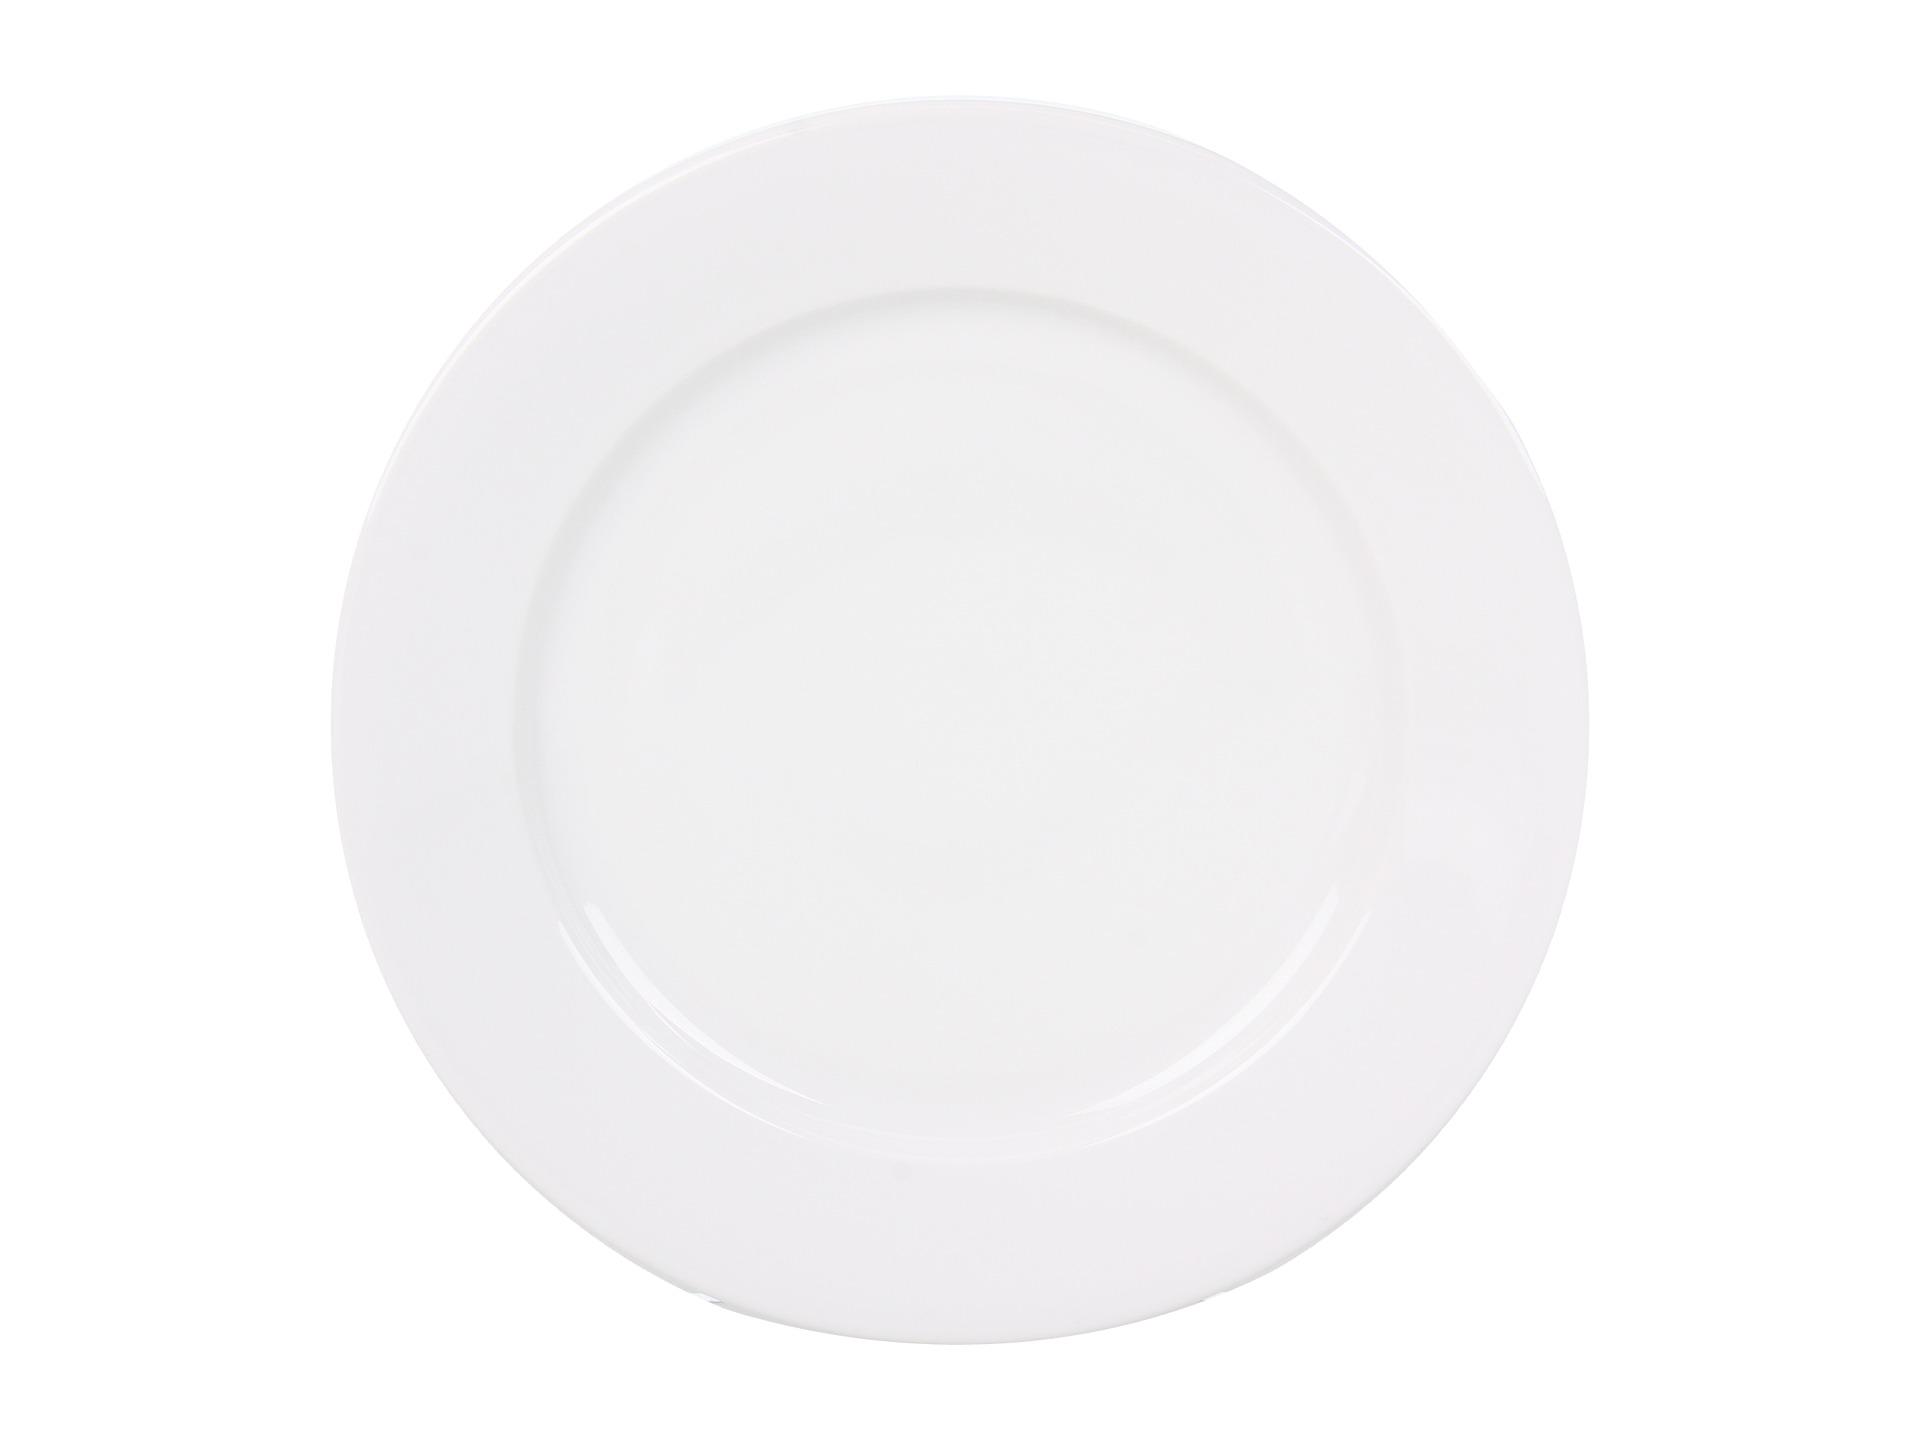 Bia Cordon Bleu 10 75 Bistro Dinner Plating Set Of 4 .  sc 1 st  Plate Dish. & Bia Cordon Bleu Plates. BIA Cordon Bleu Bistro Dinner Plates Set of ...